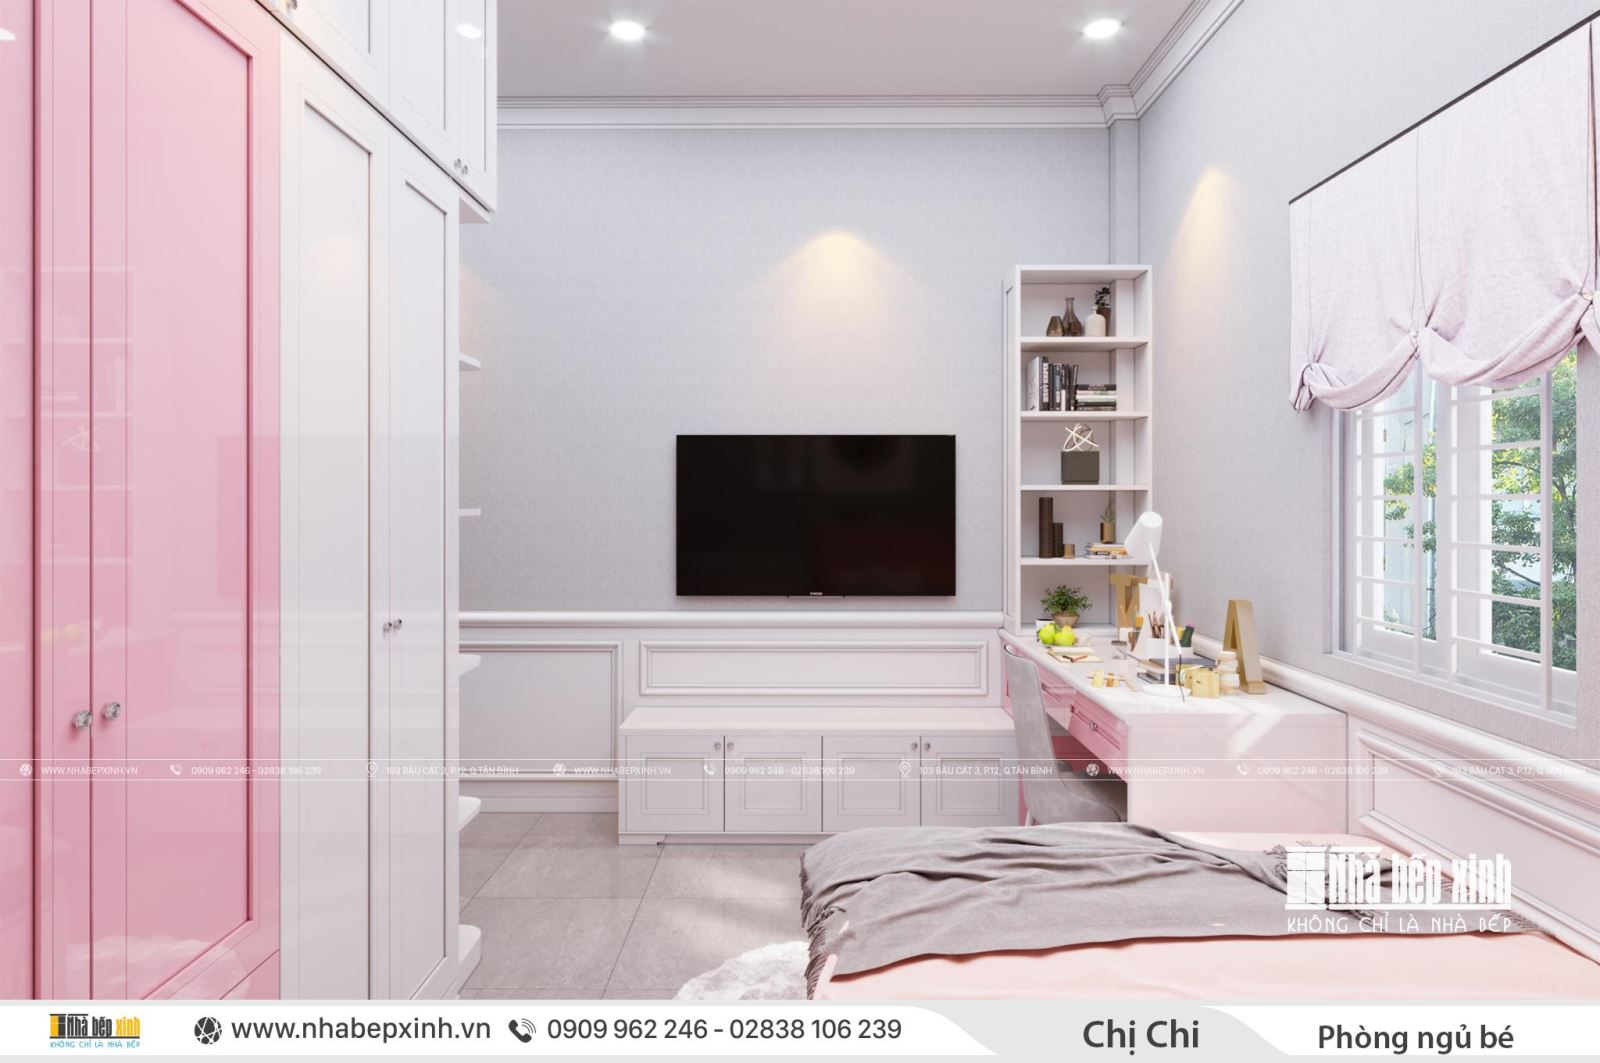 Thiết kế nội thất phòng ngủ bé gái đẹp